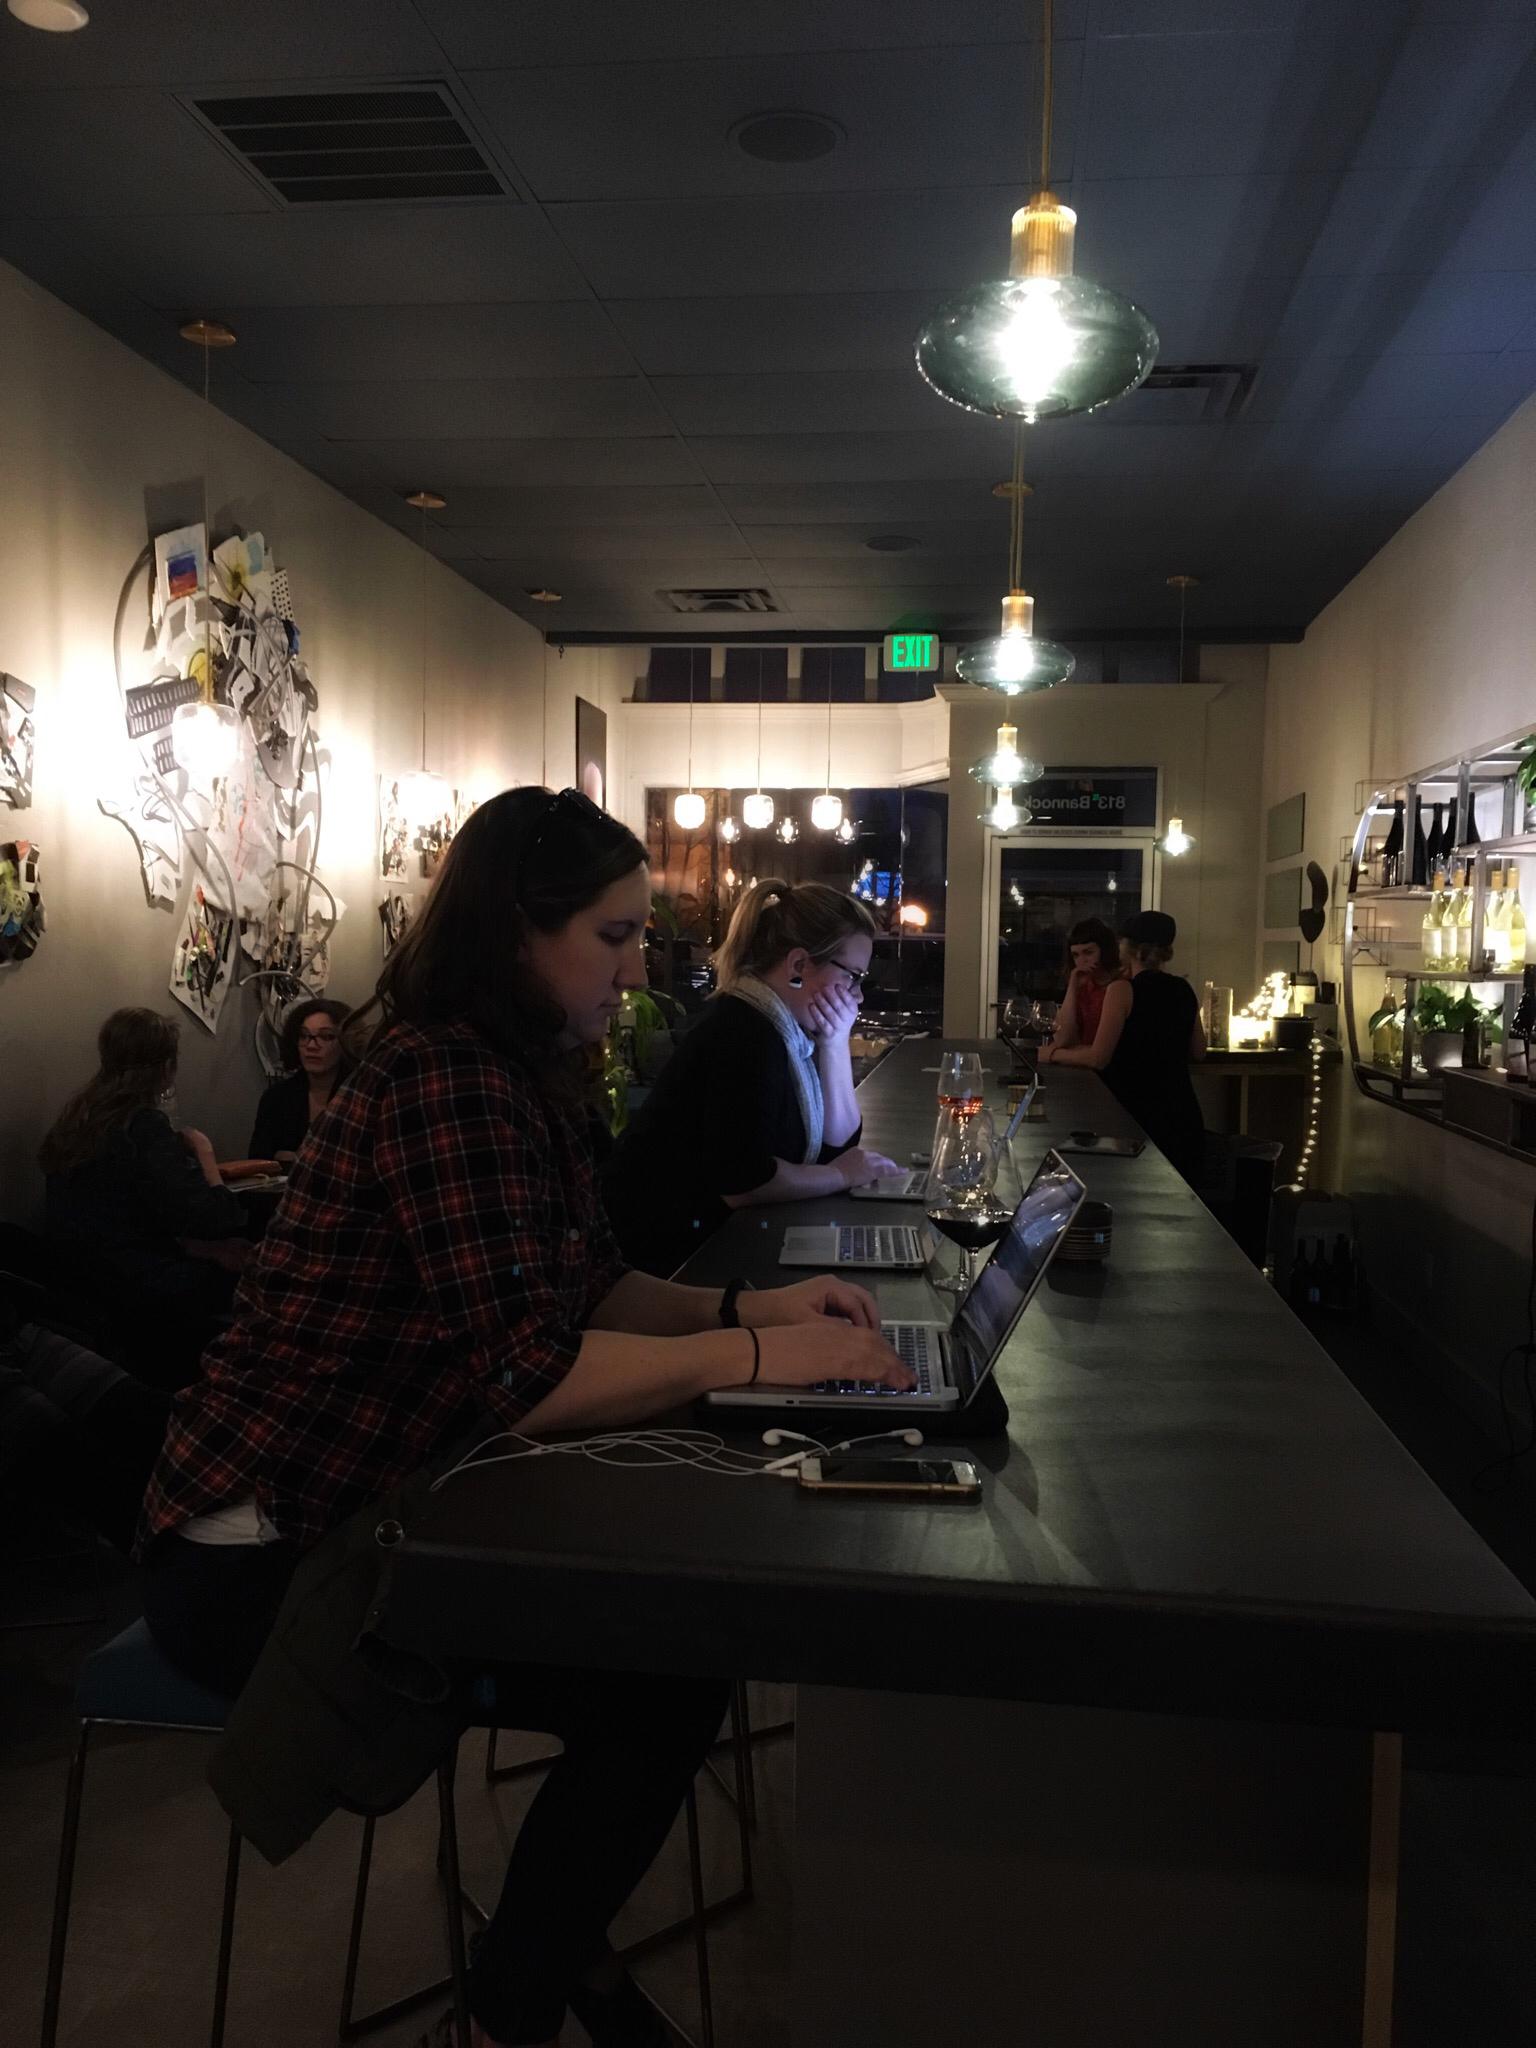 freewrite nite feb 2018 at Coiled Wine Bar